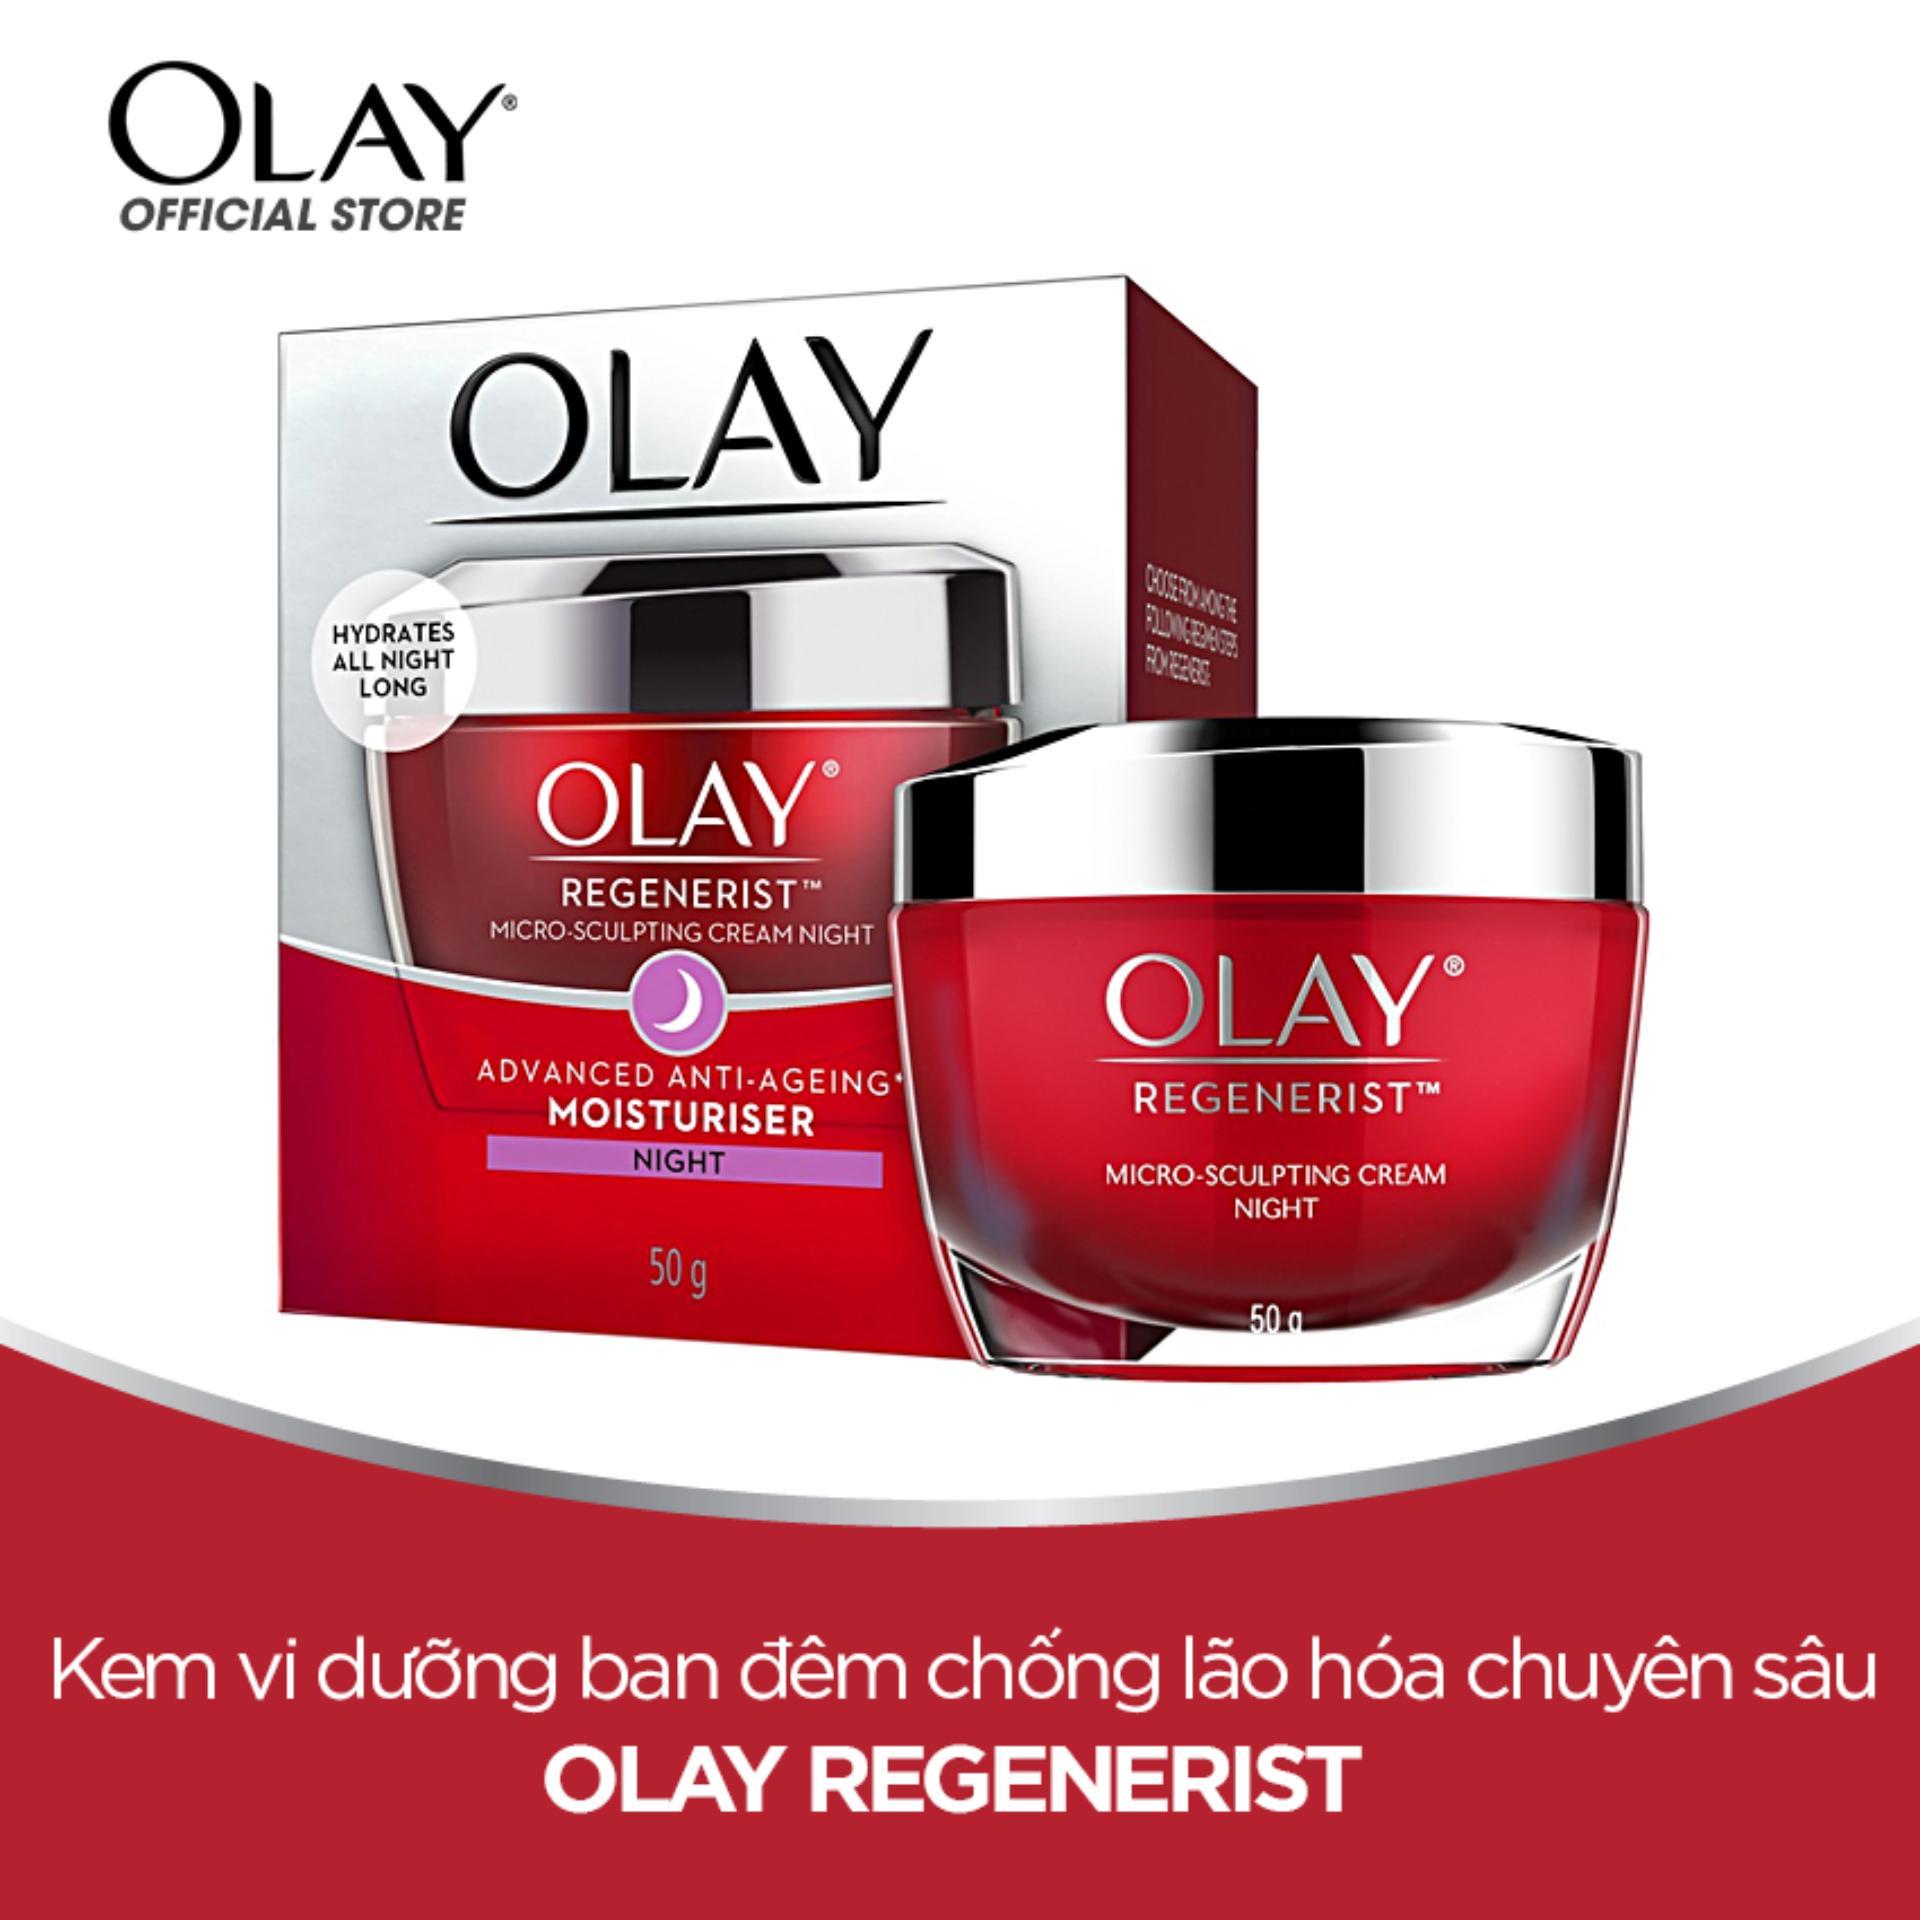 Kem dưỡng ẩm ban đêm chống lão hóa Olay Regenerist Micro Sculpting Cream Night 50g nhập khẩu